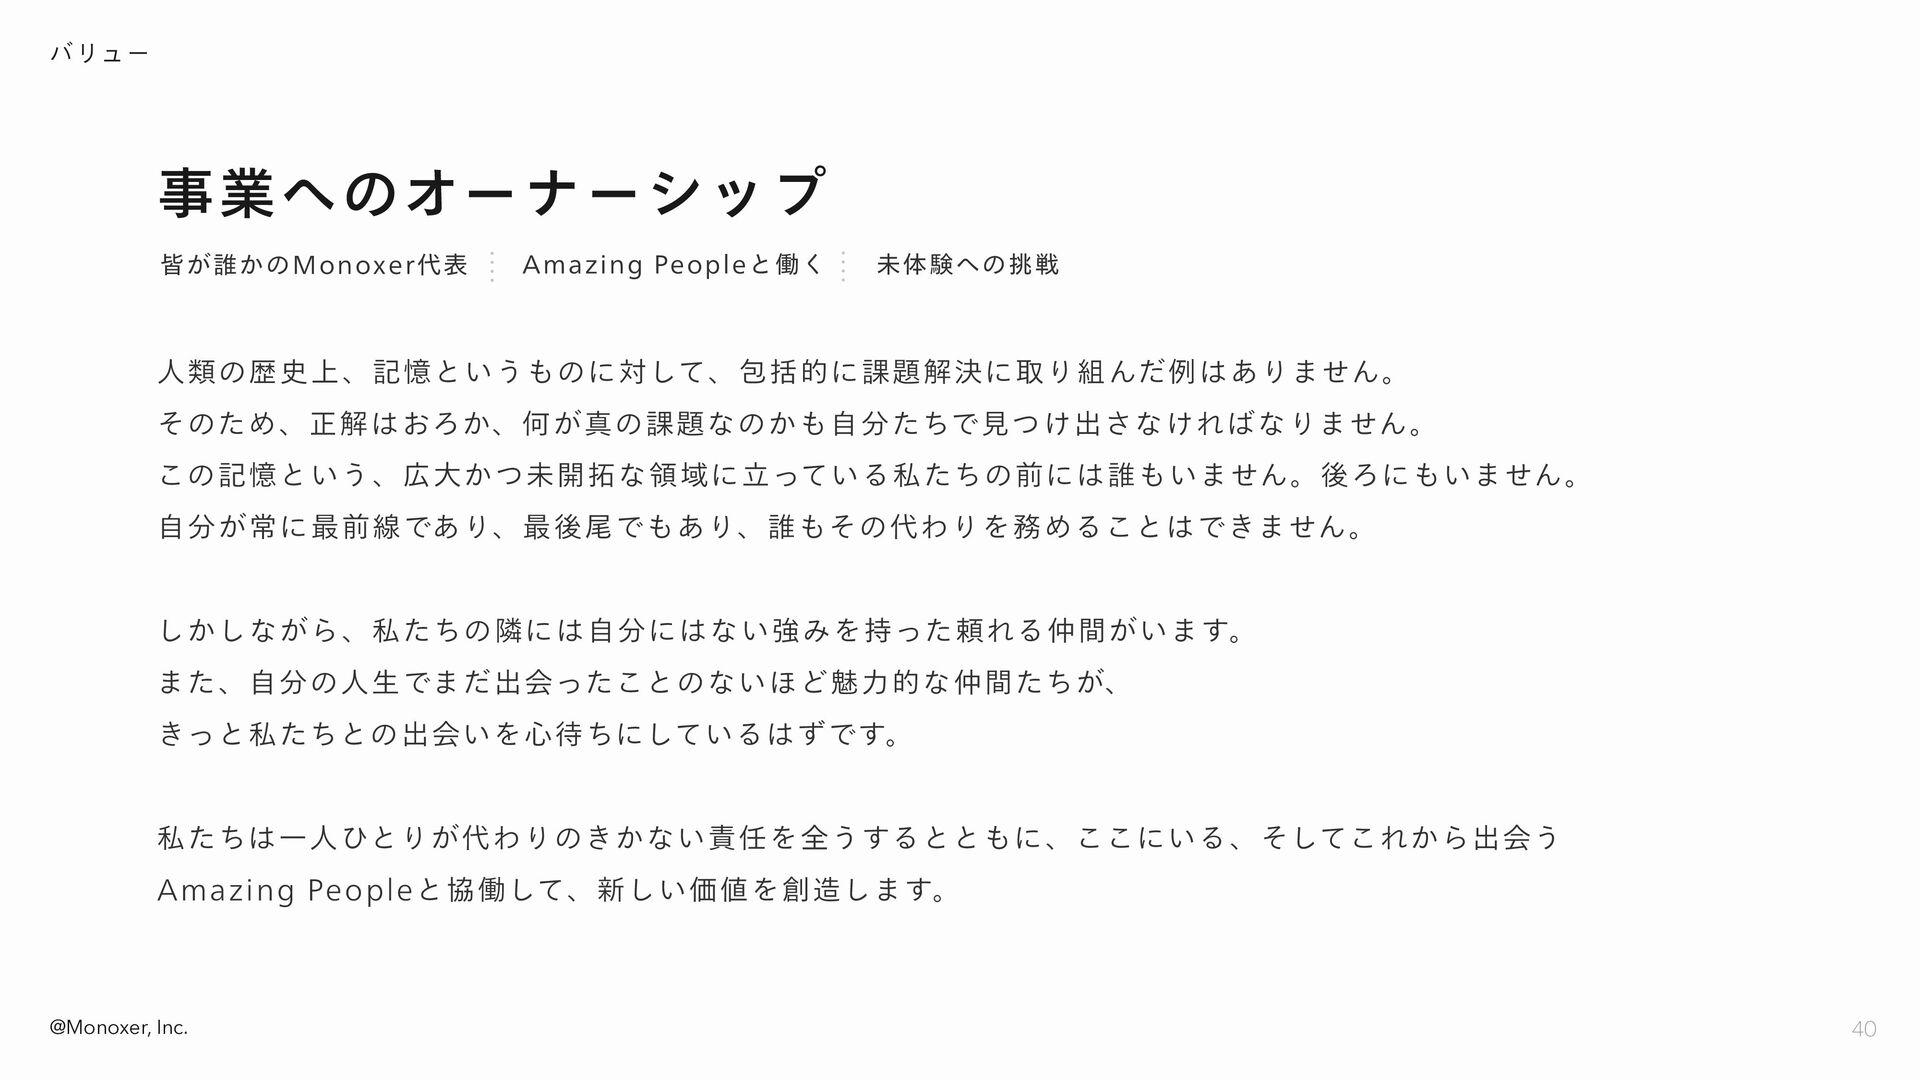 બߟϓϩηε 40 40 @Monoxer, Inc. Ԡื ΧδϡΞϧ໘ஊ ࠷ऴ໘ ఆ ...